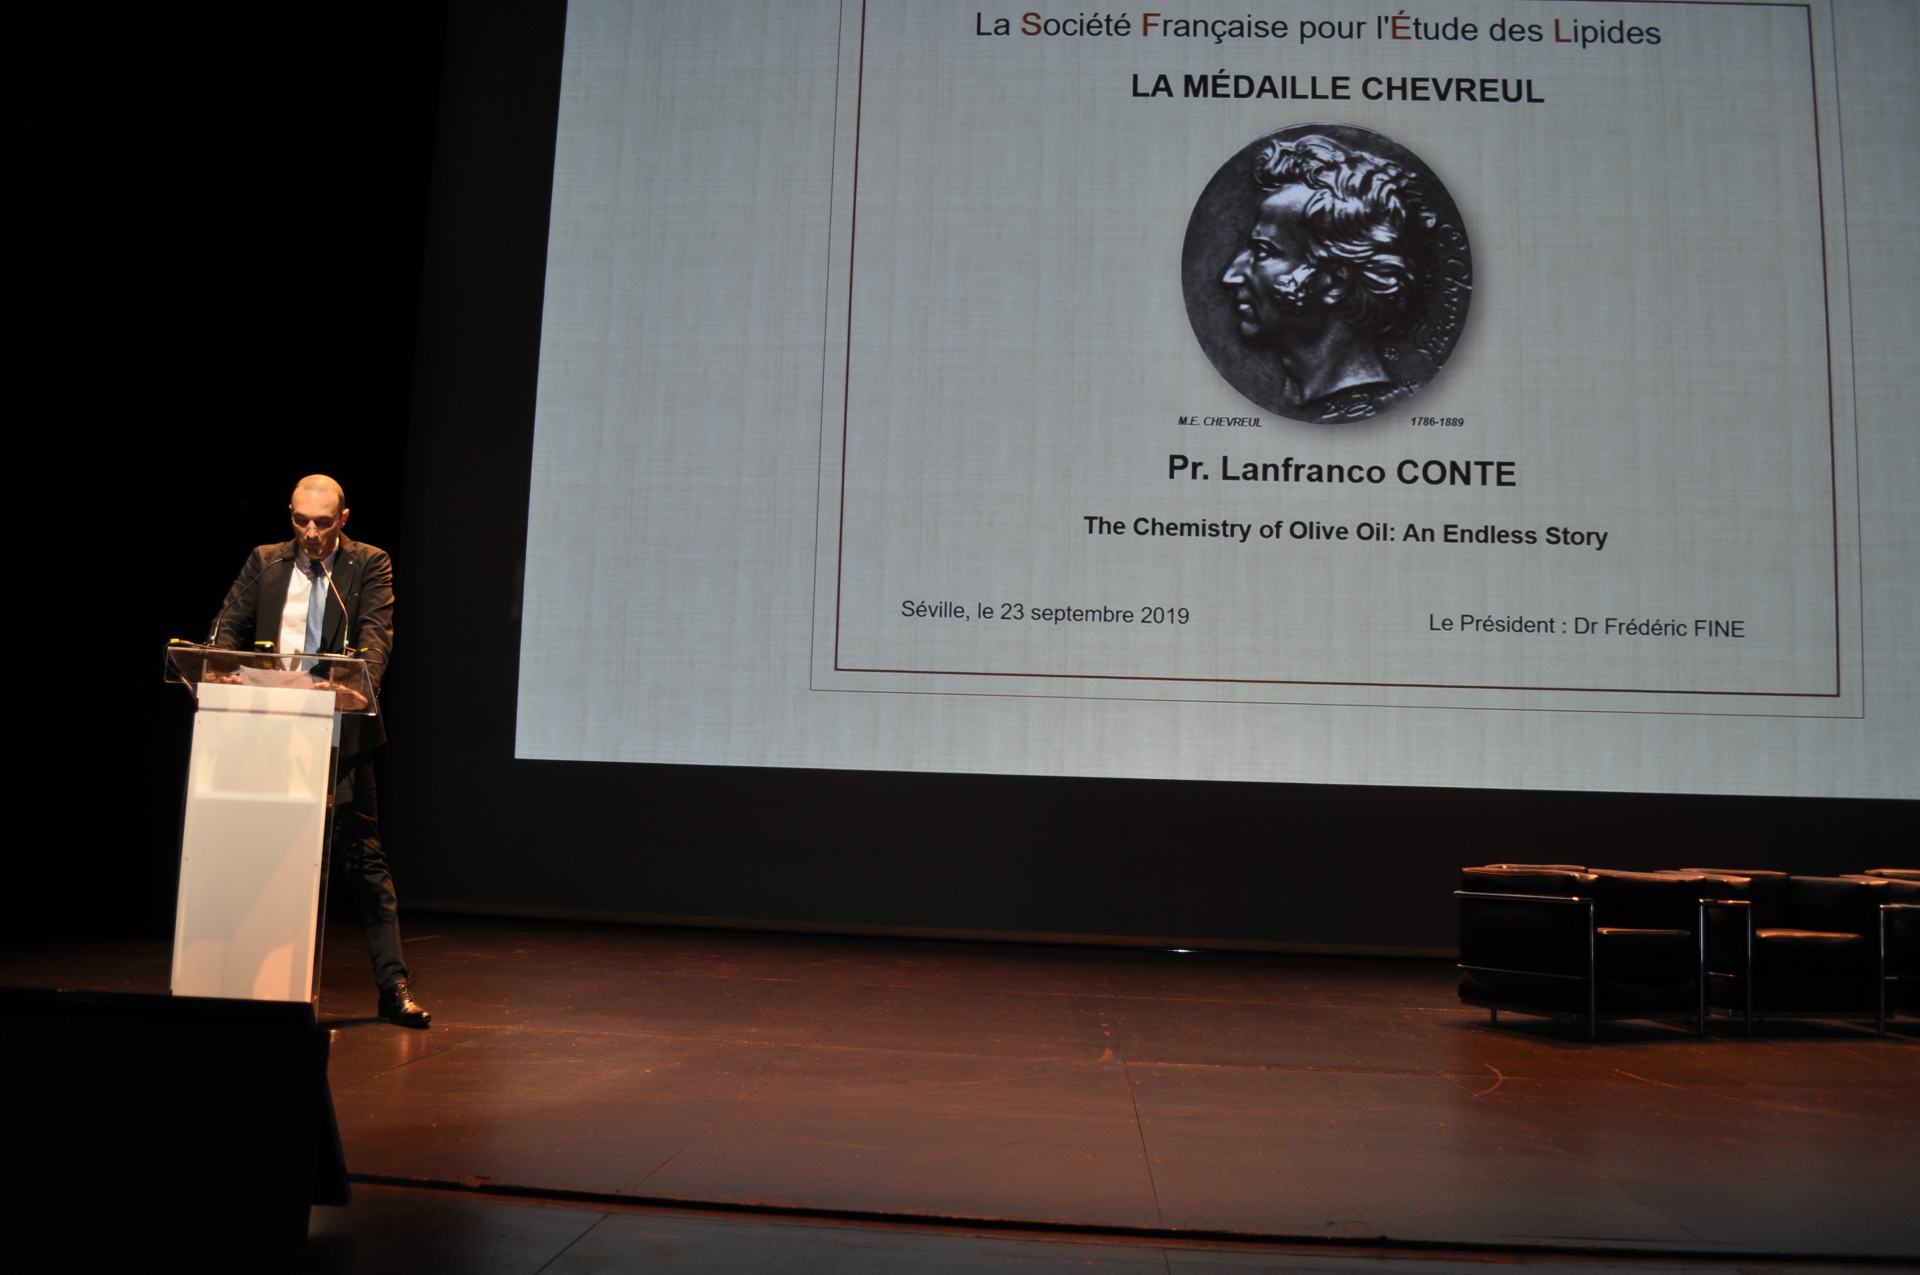 La Medaille Chevreul conferita al professor Lanfranco Conte